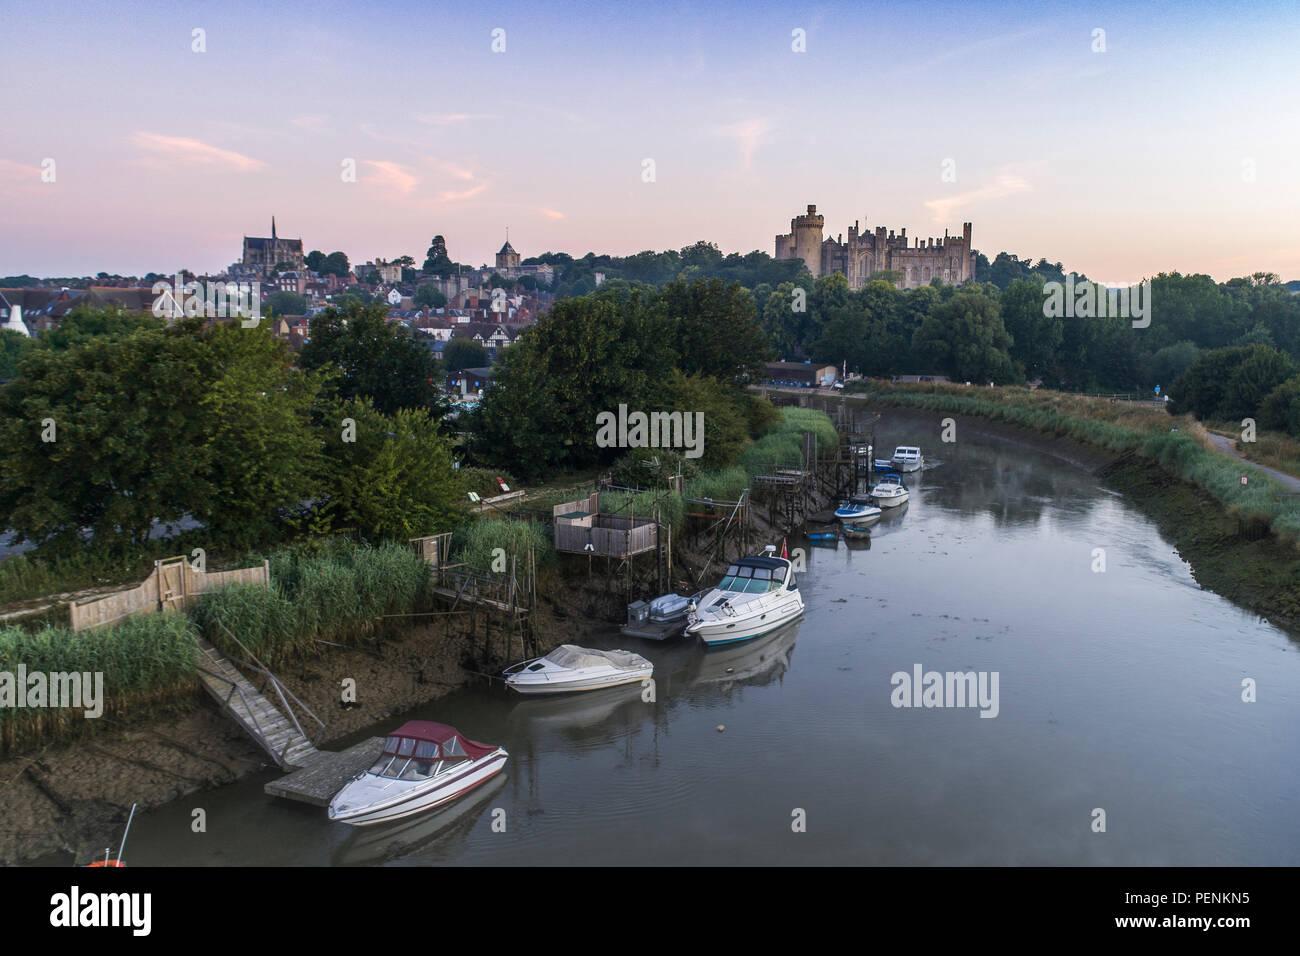 Basso livello del drone immagine del fiume Arun e Arundel Castle durante il crepuscolo in estate 20189 Foto Stock